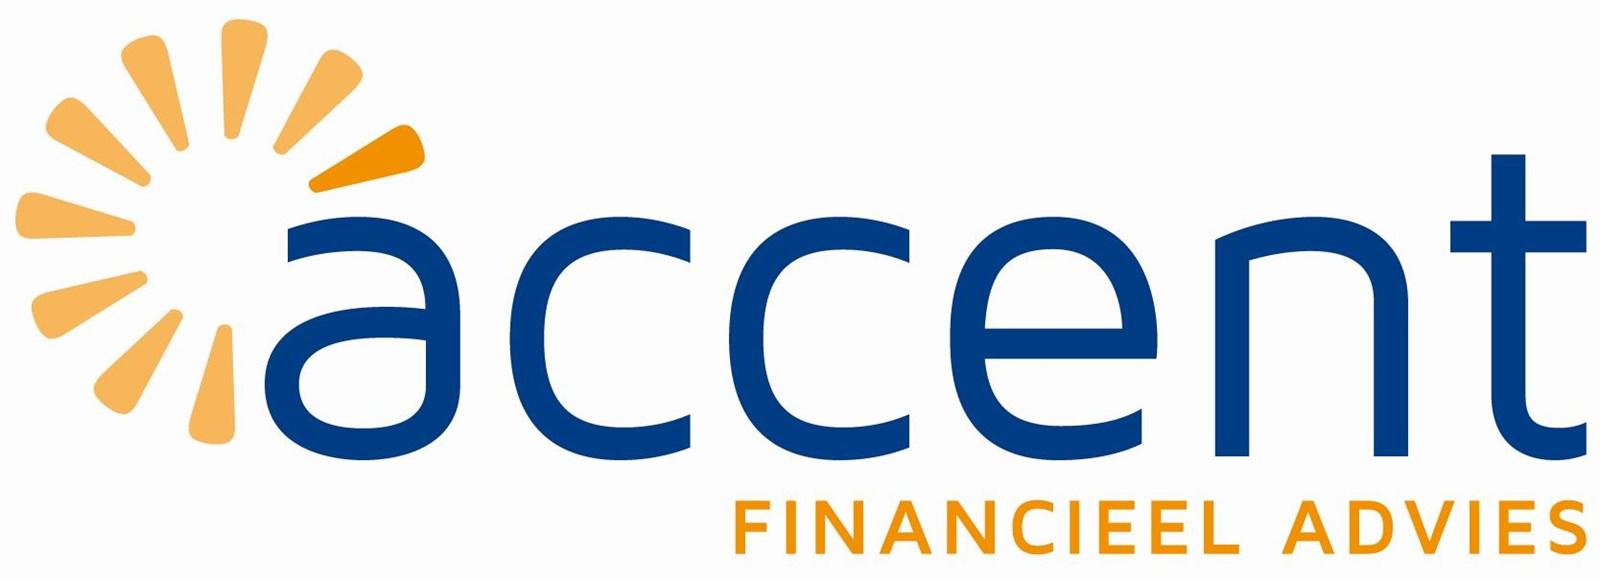 Afbeelding van Accent Financieel Advies